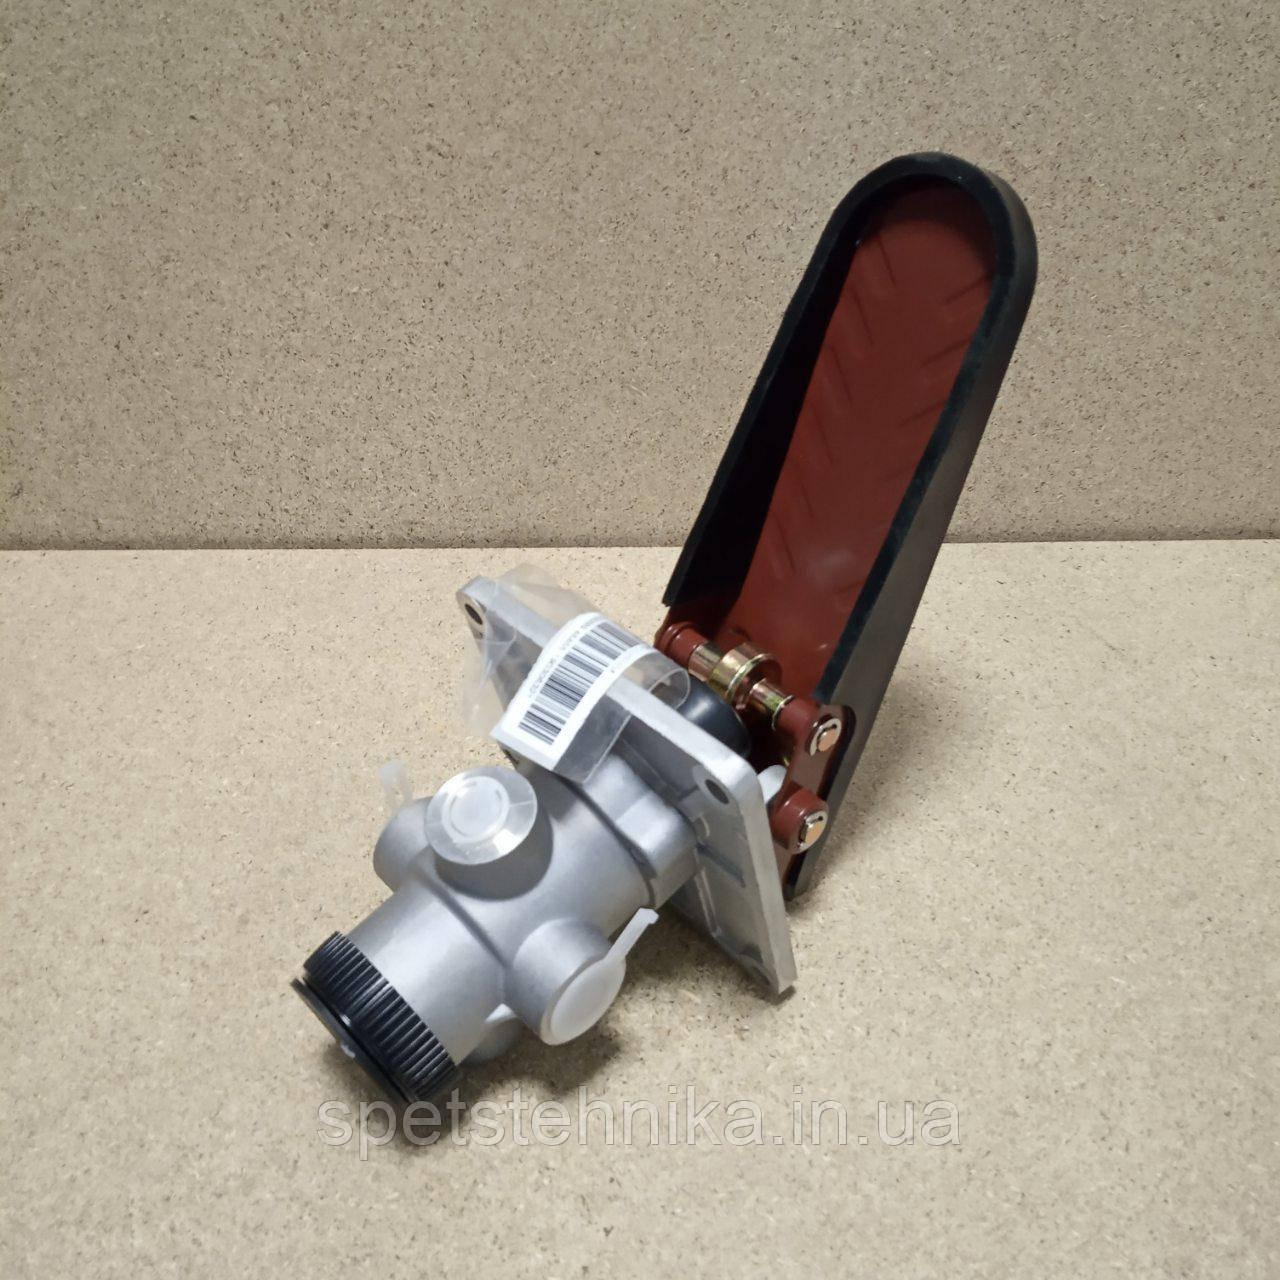 4120006889 тормозной клапан